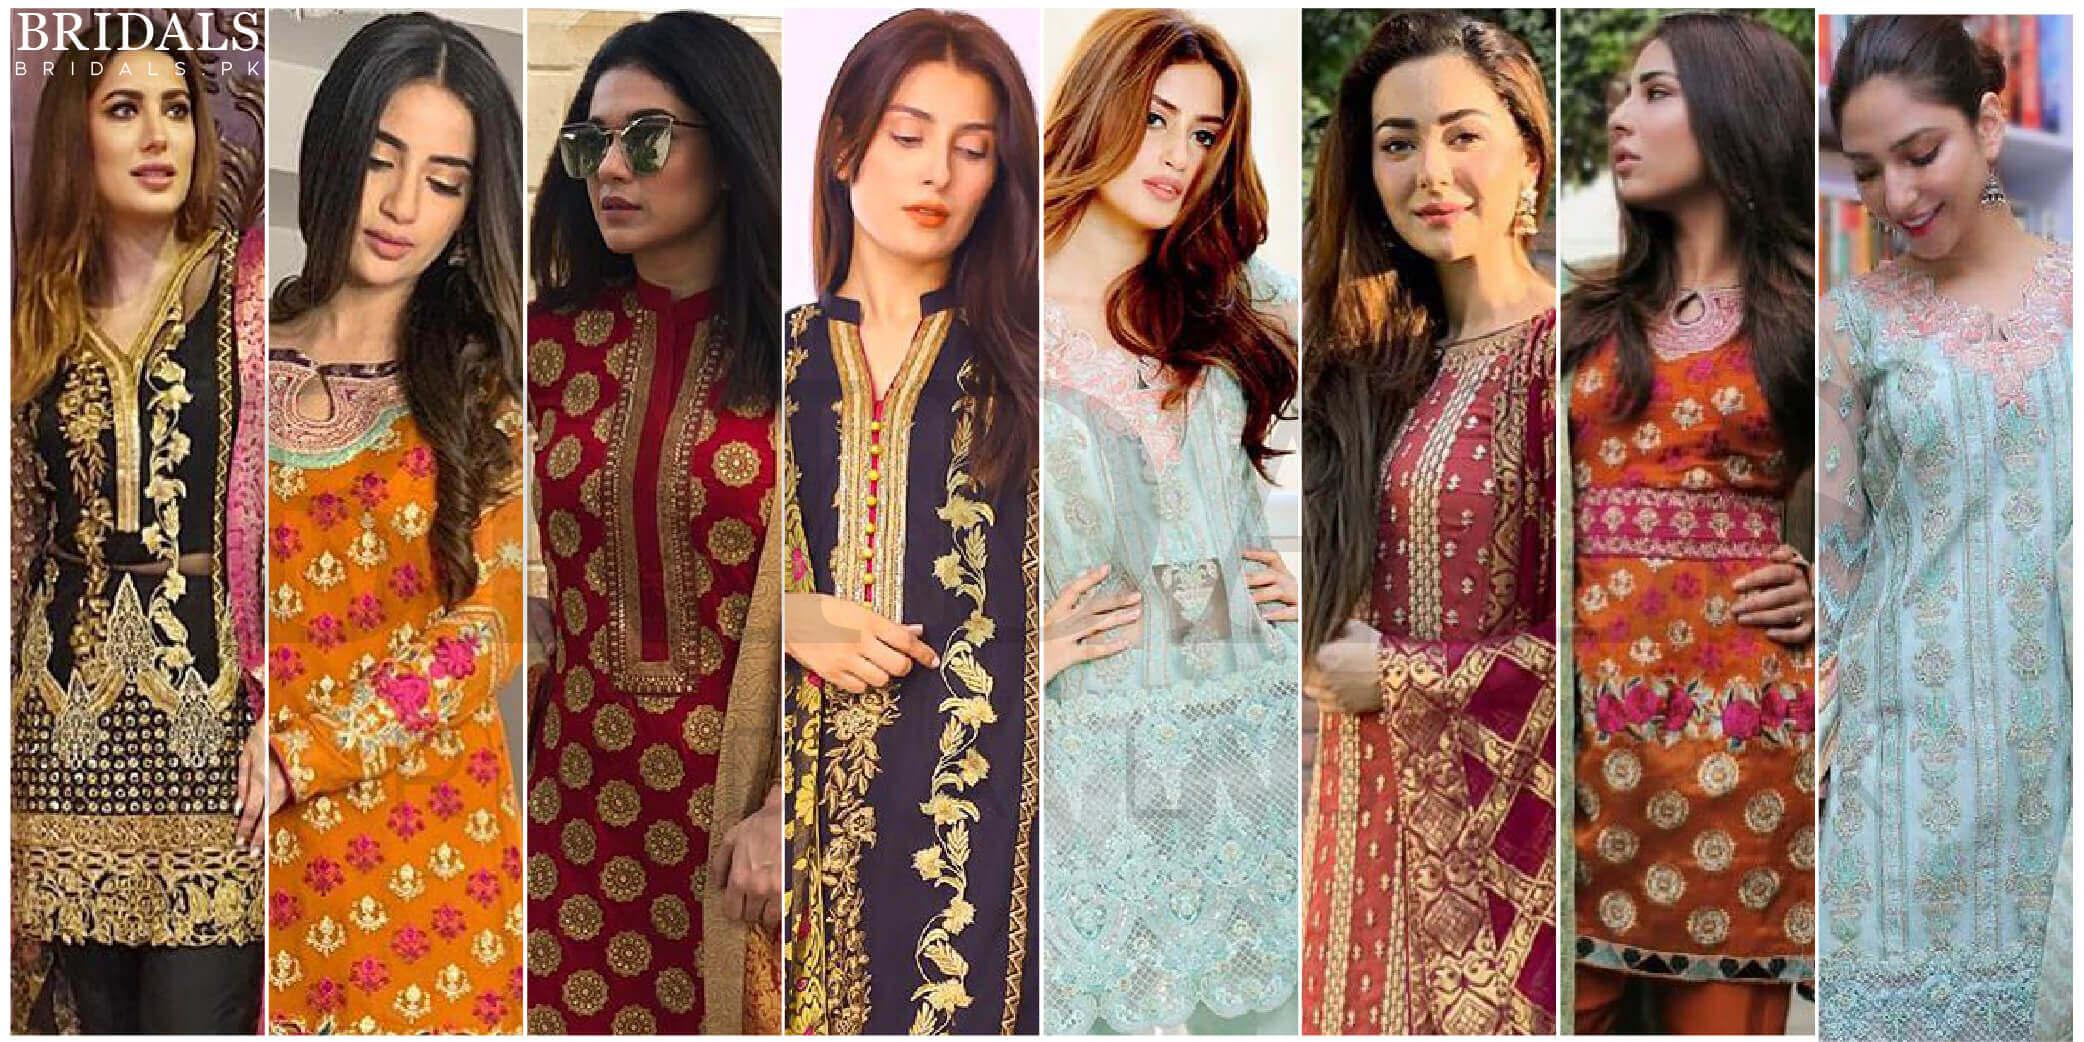 Taking Style Inspirations From Pakistani Celebrities In Zainab Chottani's Jamdani